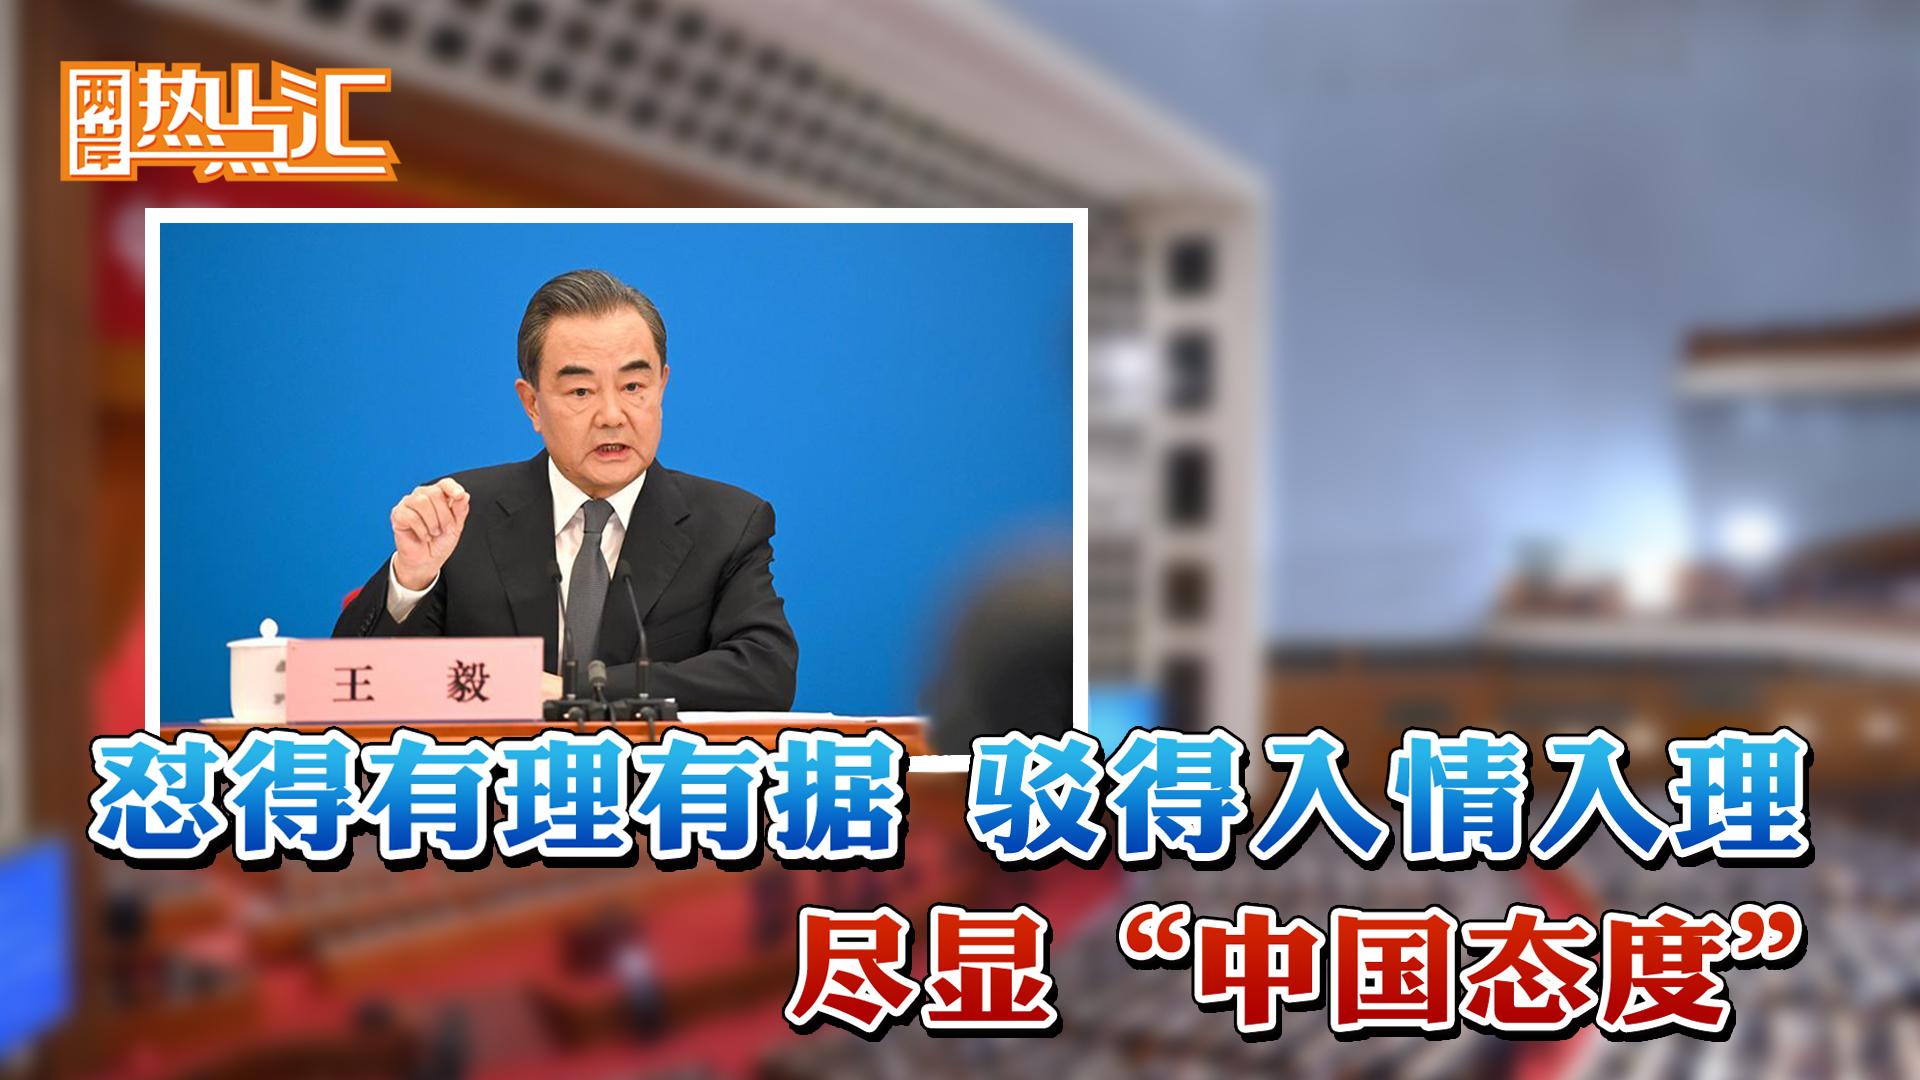 """【融融看两会】怼得有理有据,驳得入情入理!王毅外长记者会尽显""""中国态度""""图片"""